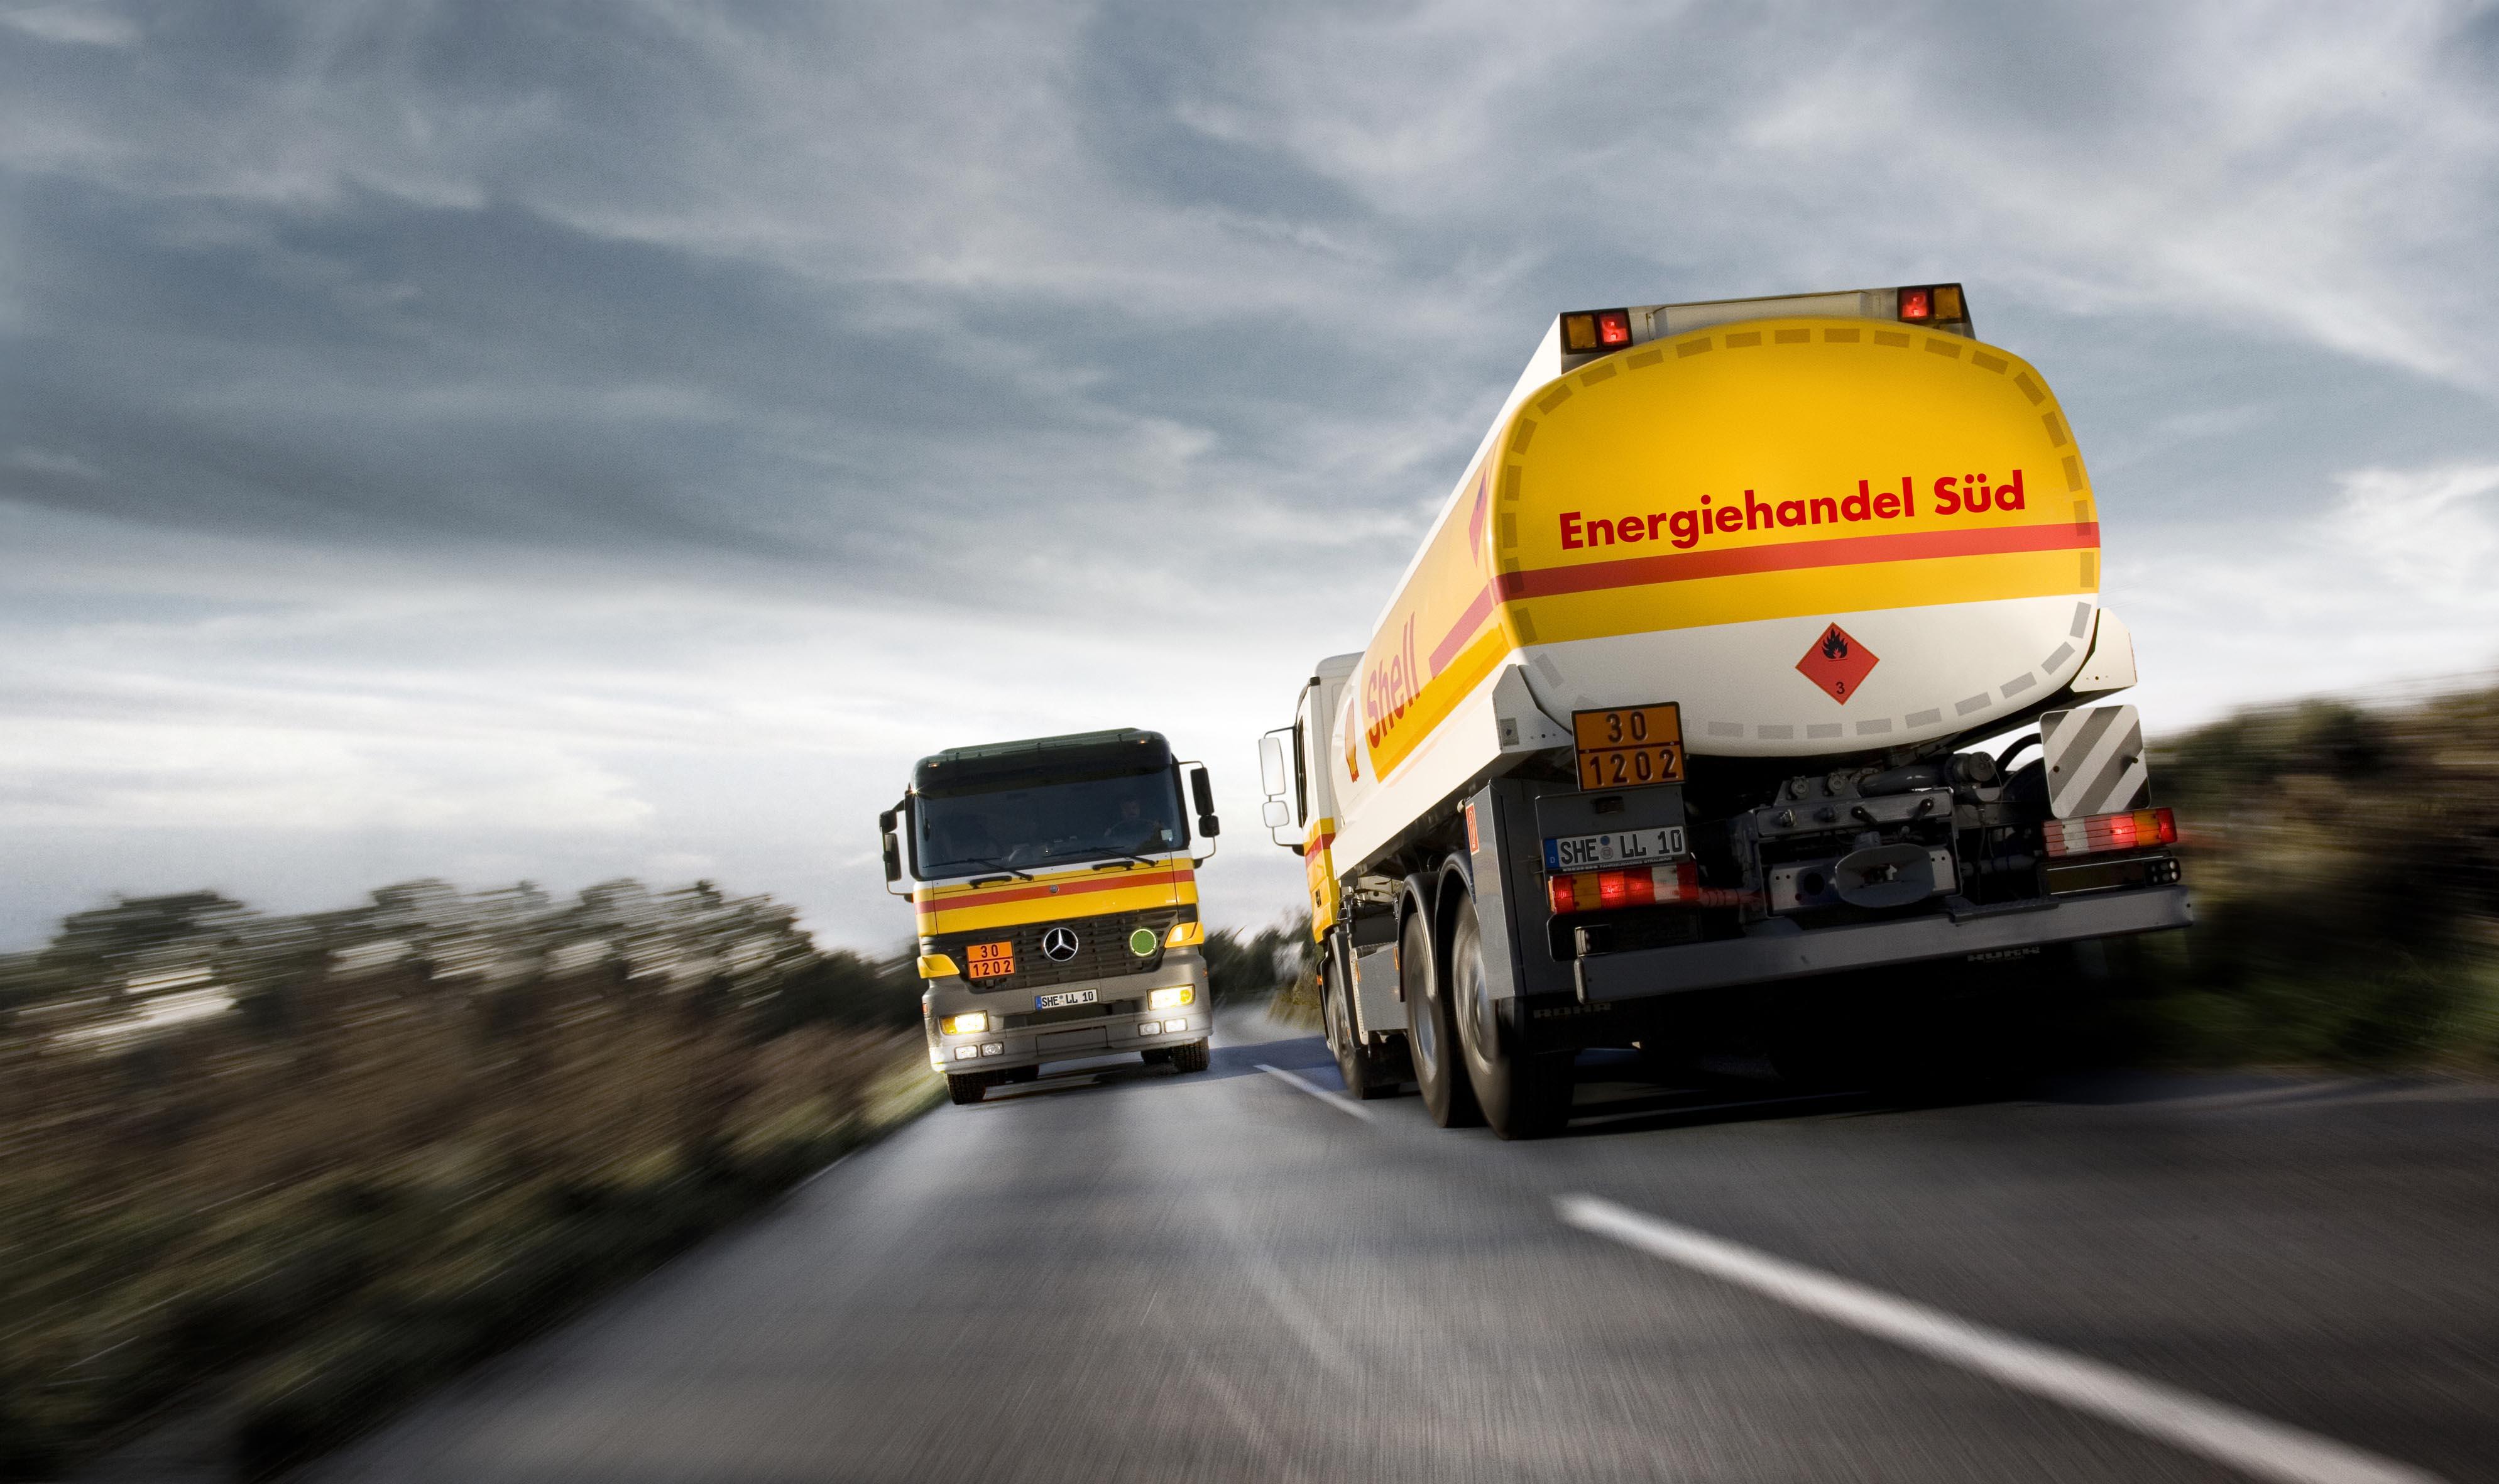 Energiehandel Süd GmbH & Co.KG